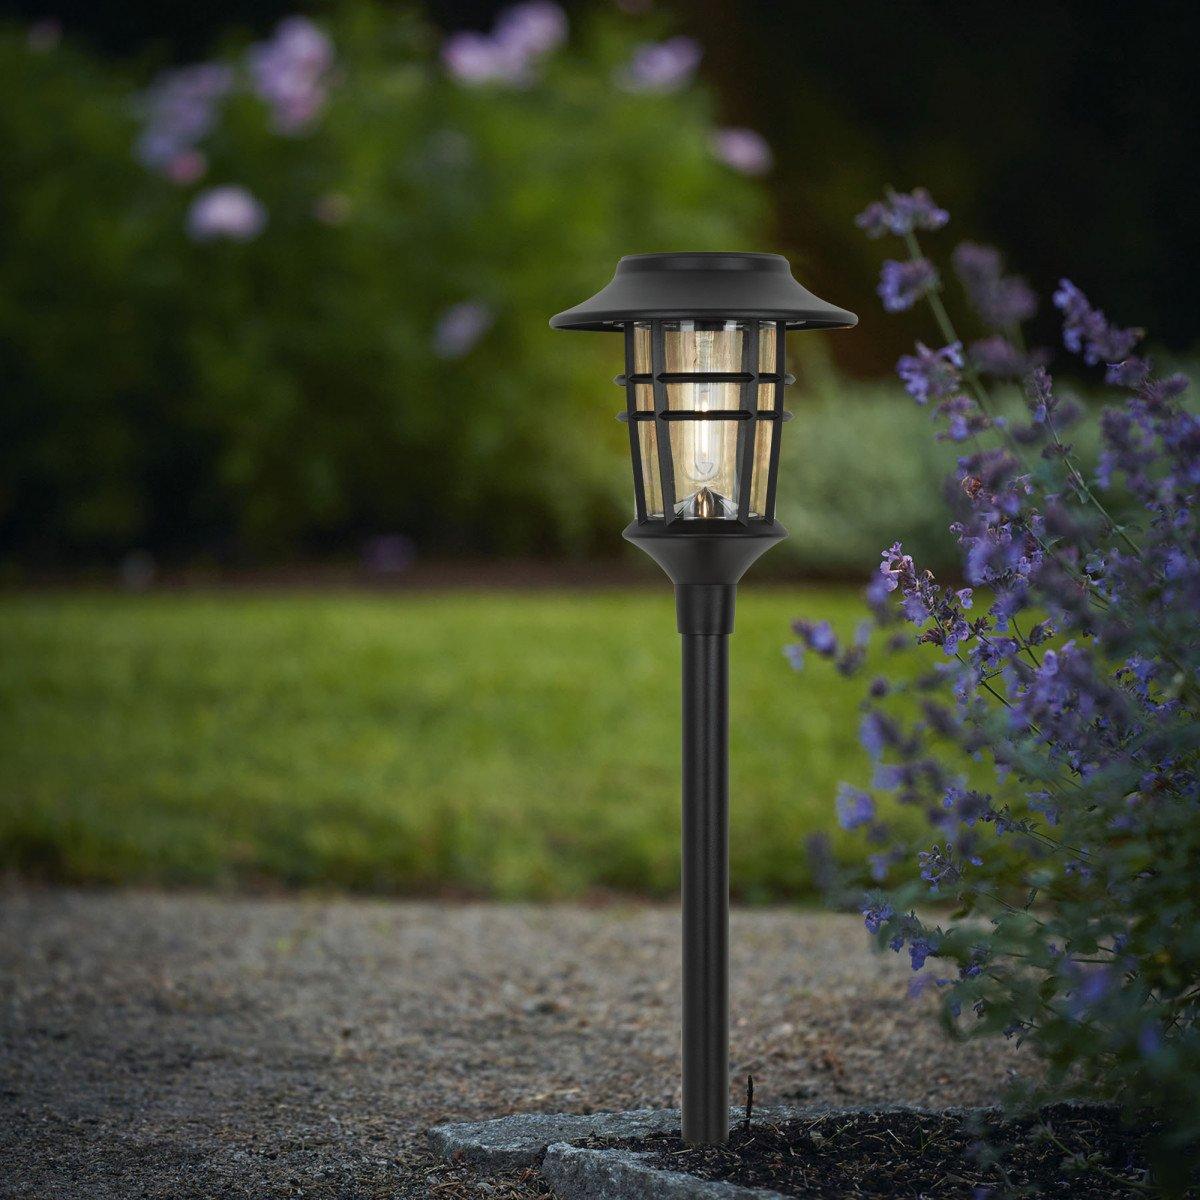 LED Solar Fackel mit Spieß, Außenbeleuchtung Ohne Verdrahtung, ladet sich auf über Sonnlicht, in der Farbe Schwarz, von der Marke KS Beleuchtung, Umweltfreundlich Außenbeleuchtung